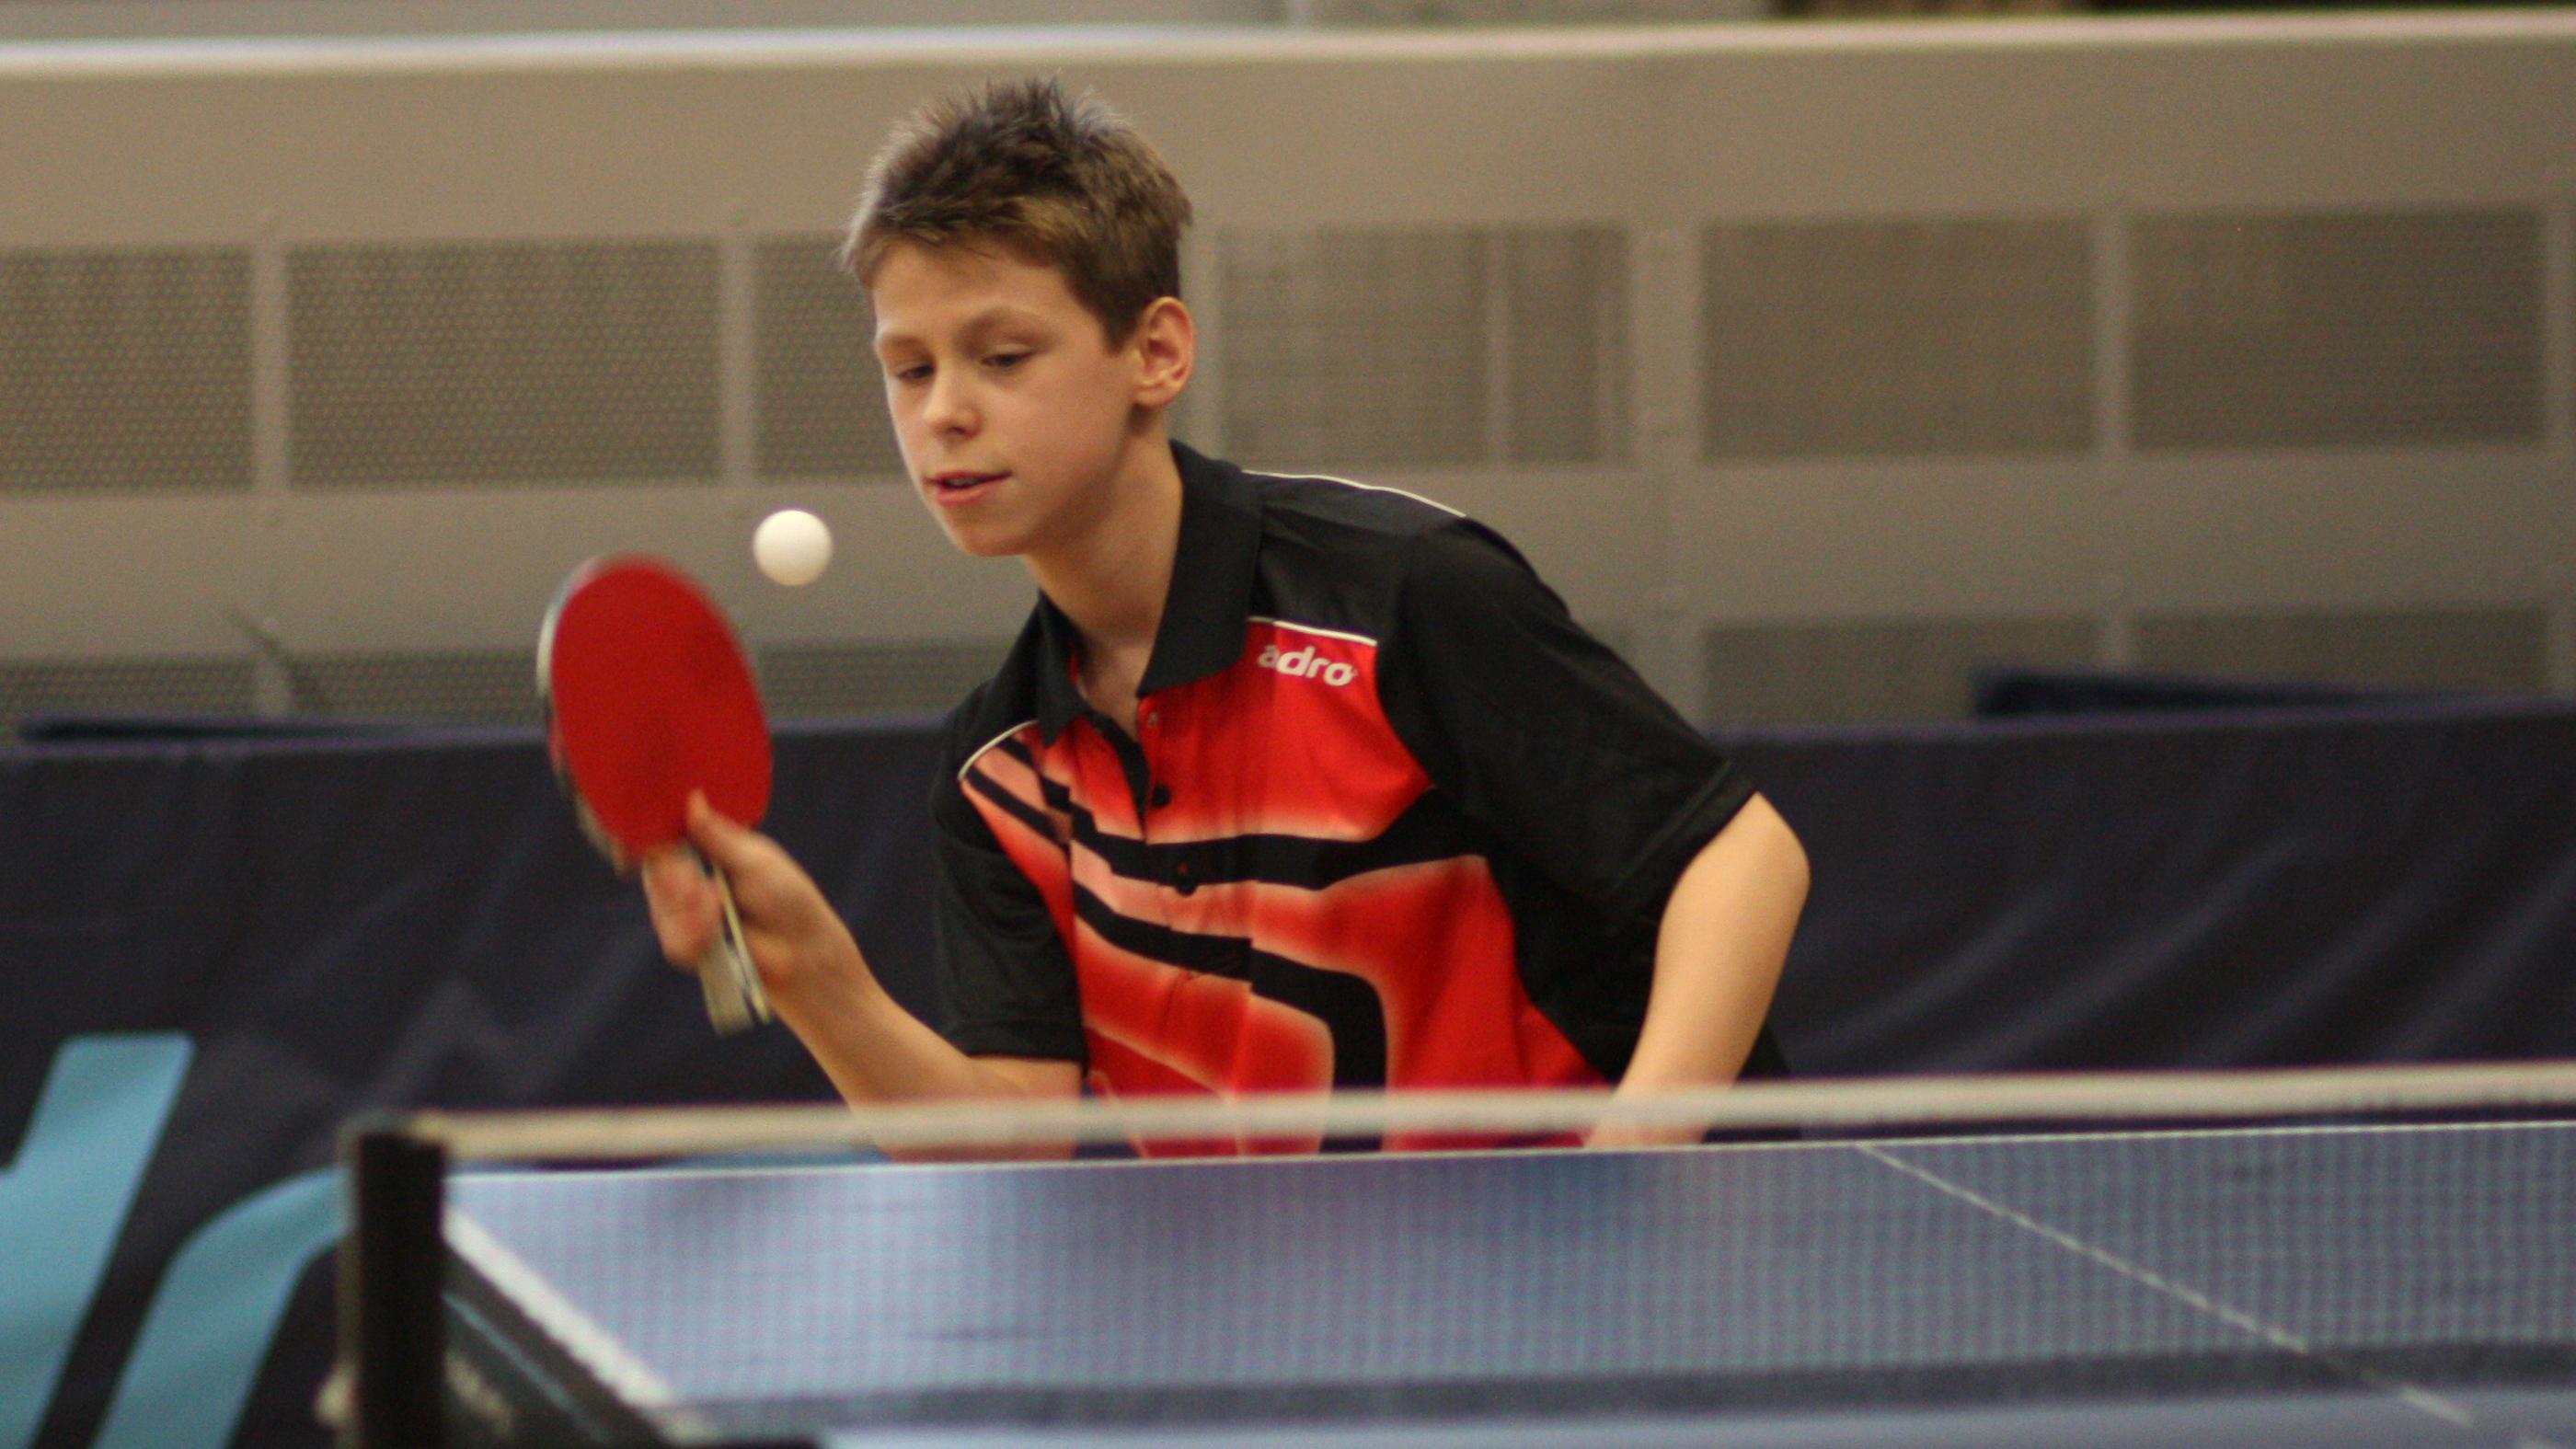 2. Platz: Finn (6:1 Spiele)